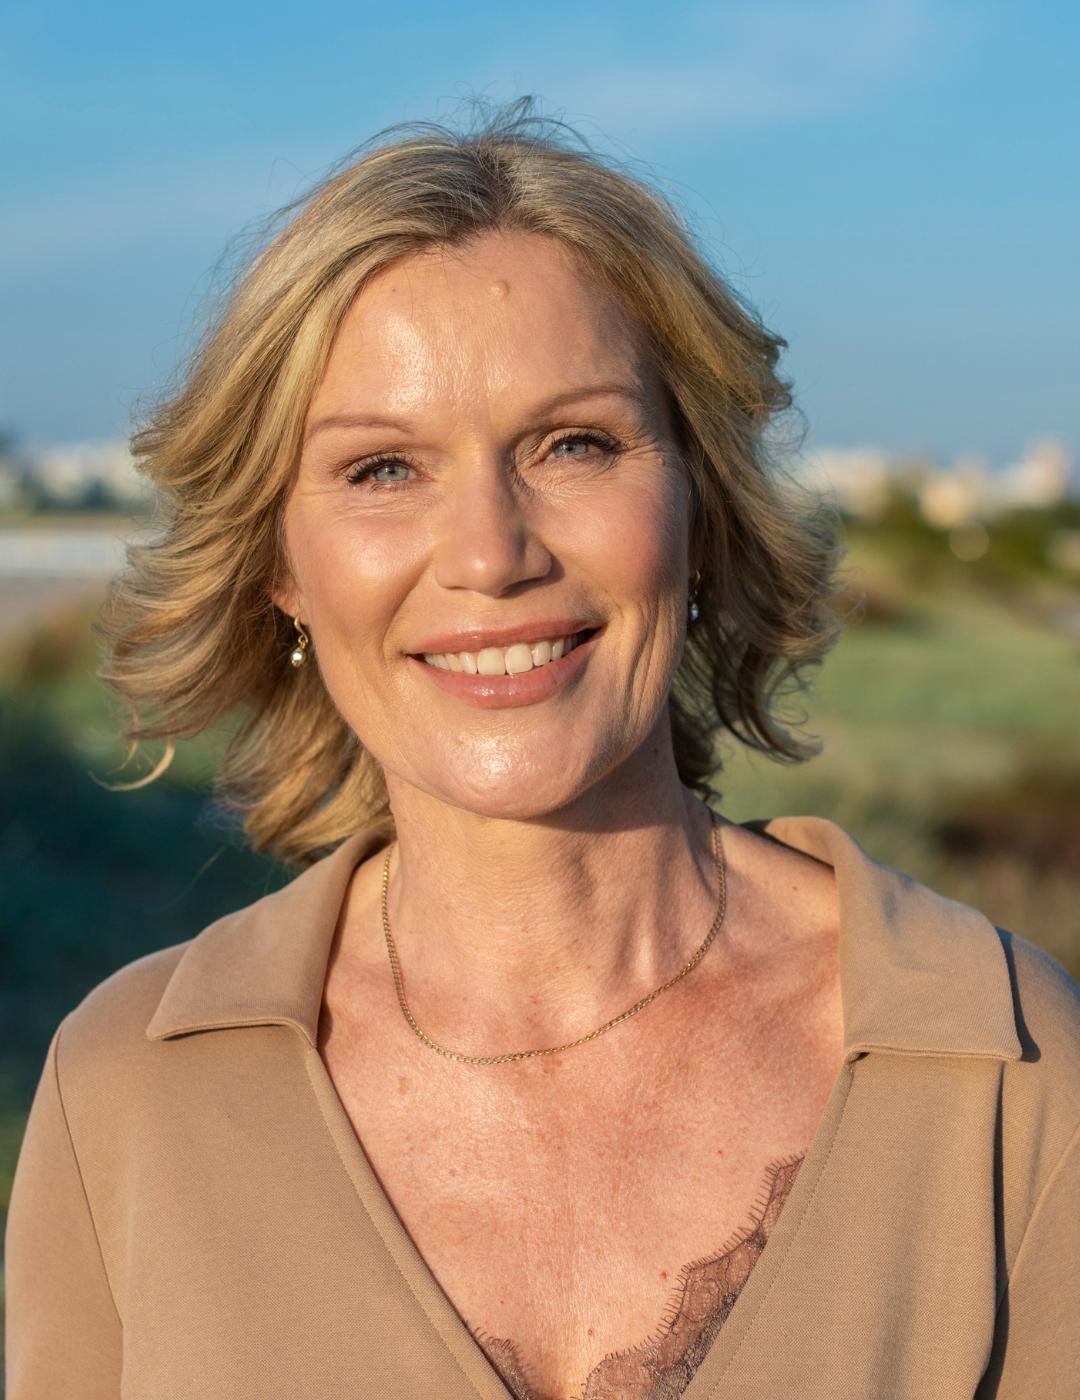 Anna Nordengen